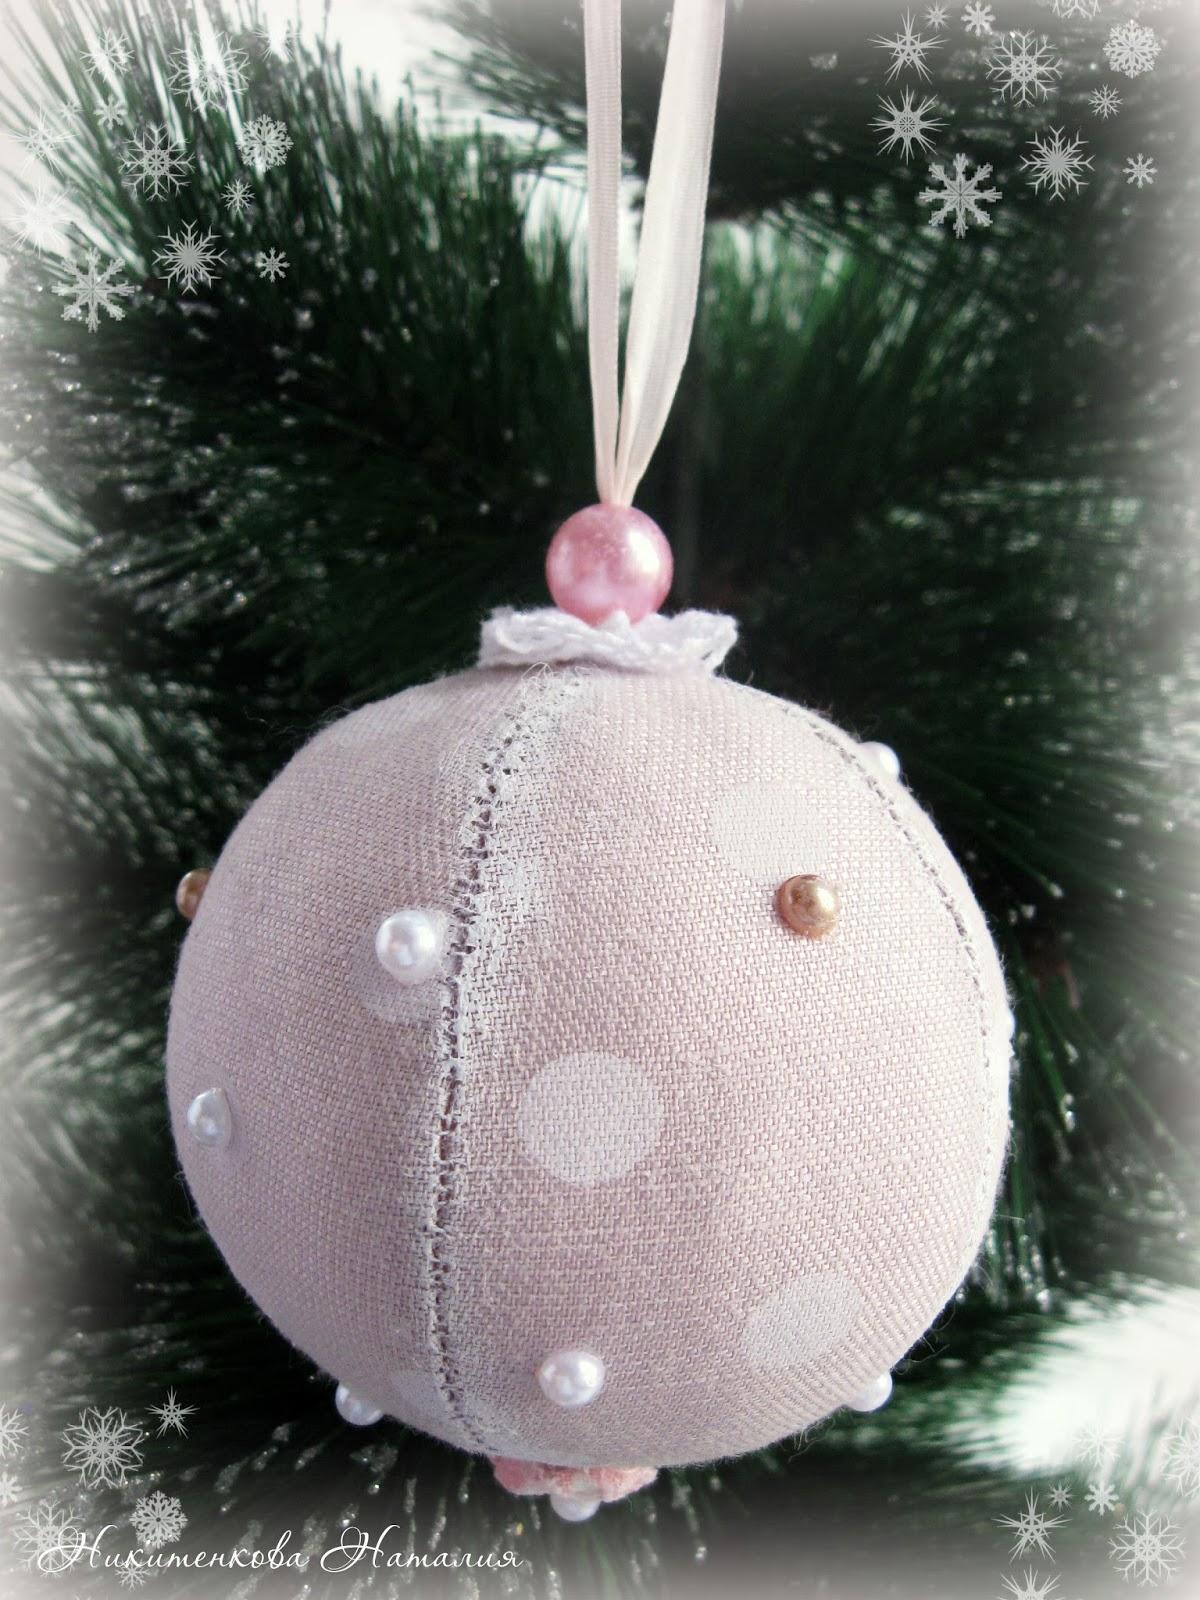 новогодние игрушки, на елку, Шар на ёлку, новогодние игрушки, новый год, елочные игрушки,